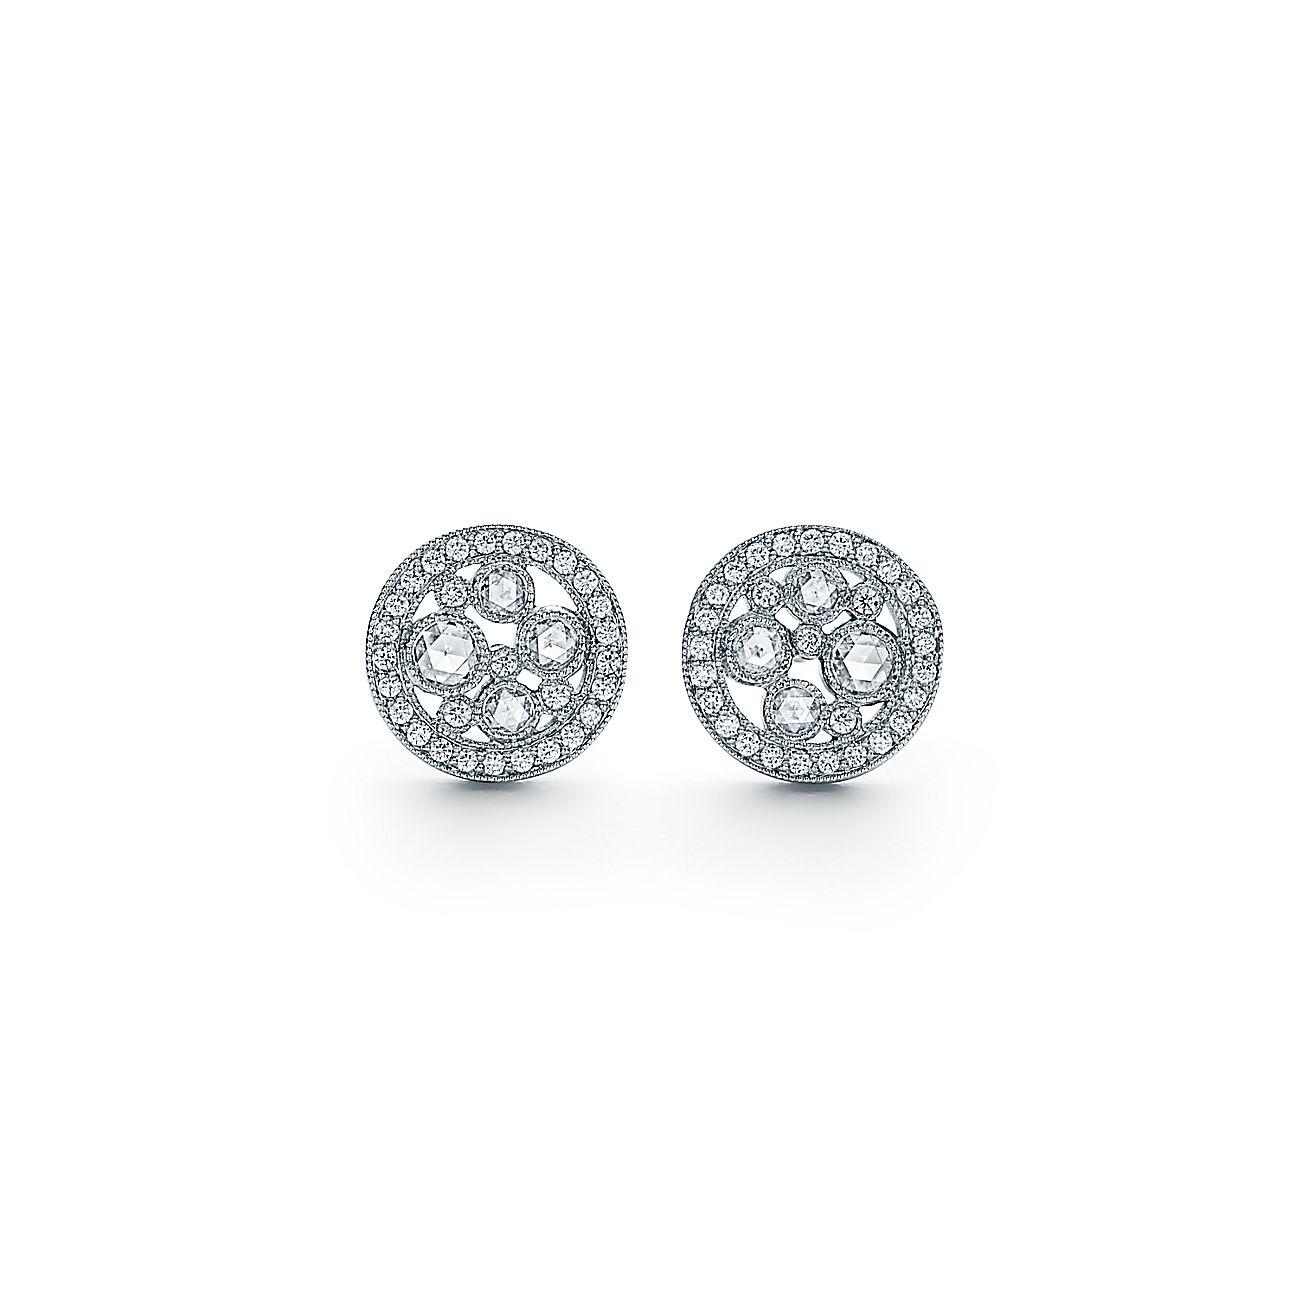 Tiffany Cobblestone Earrings In Platinum With Diamonds Mini Co